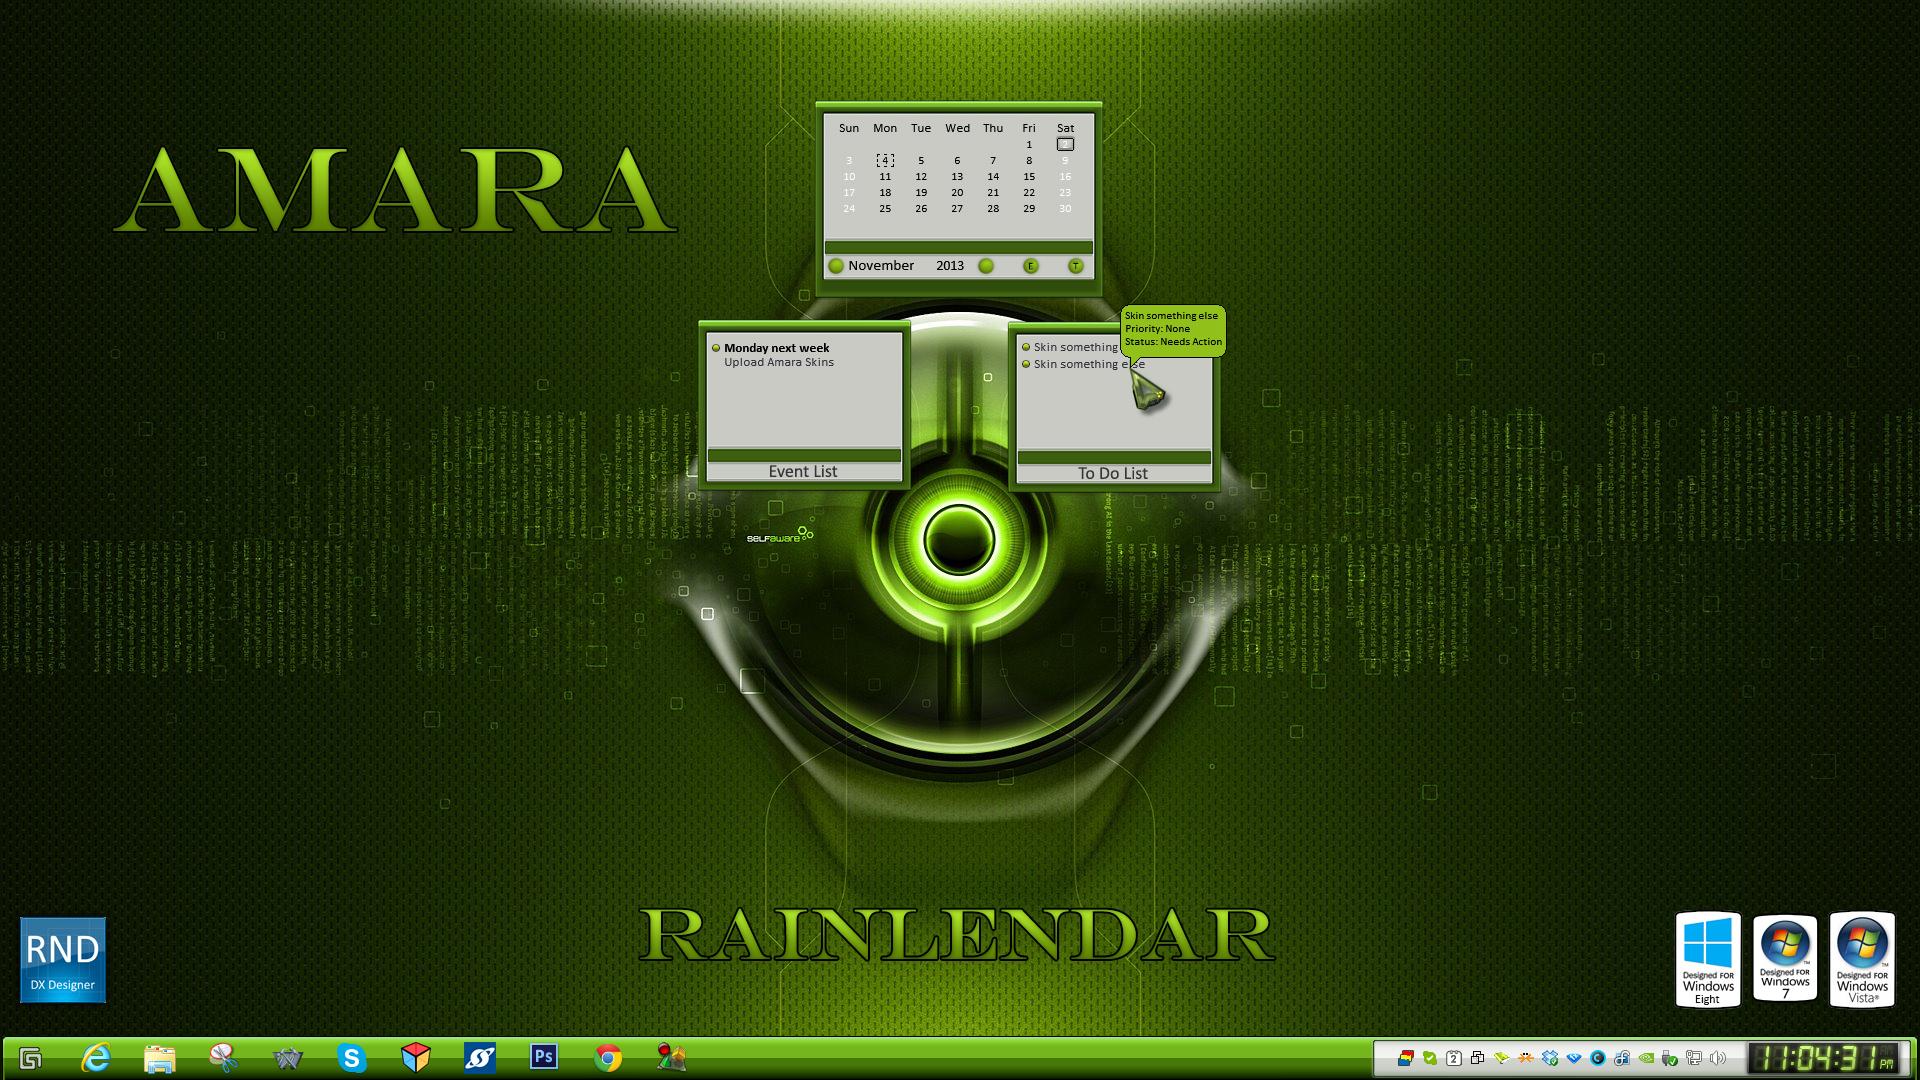 Amara Rainlendar